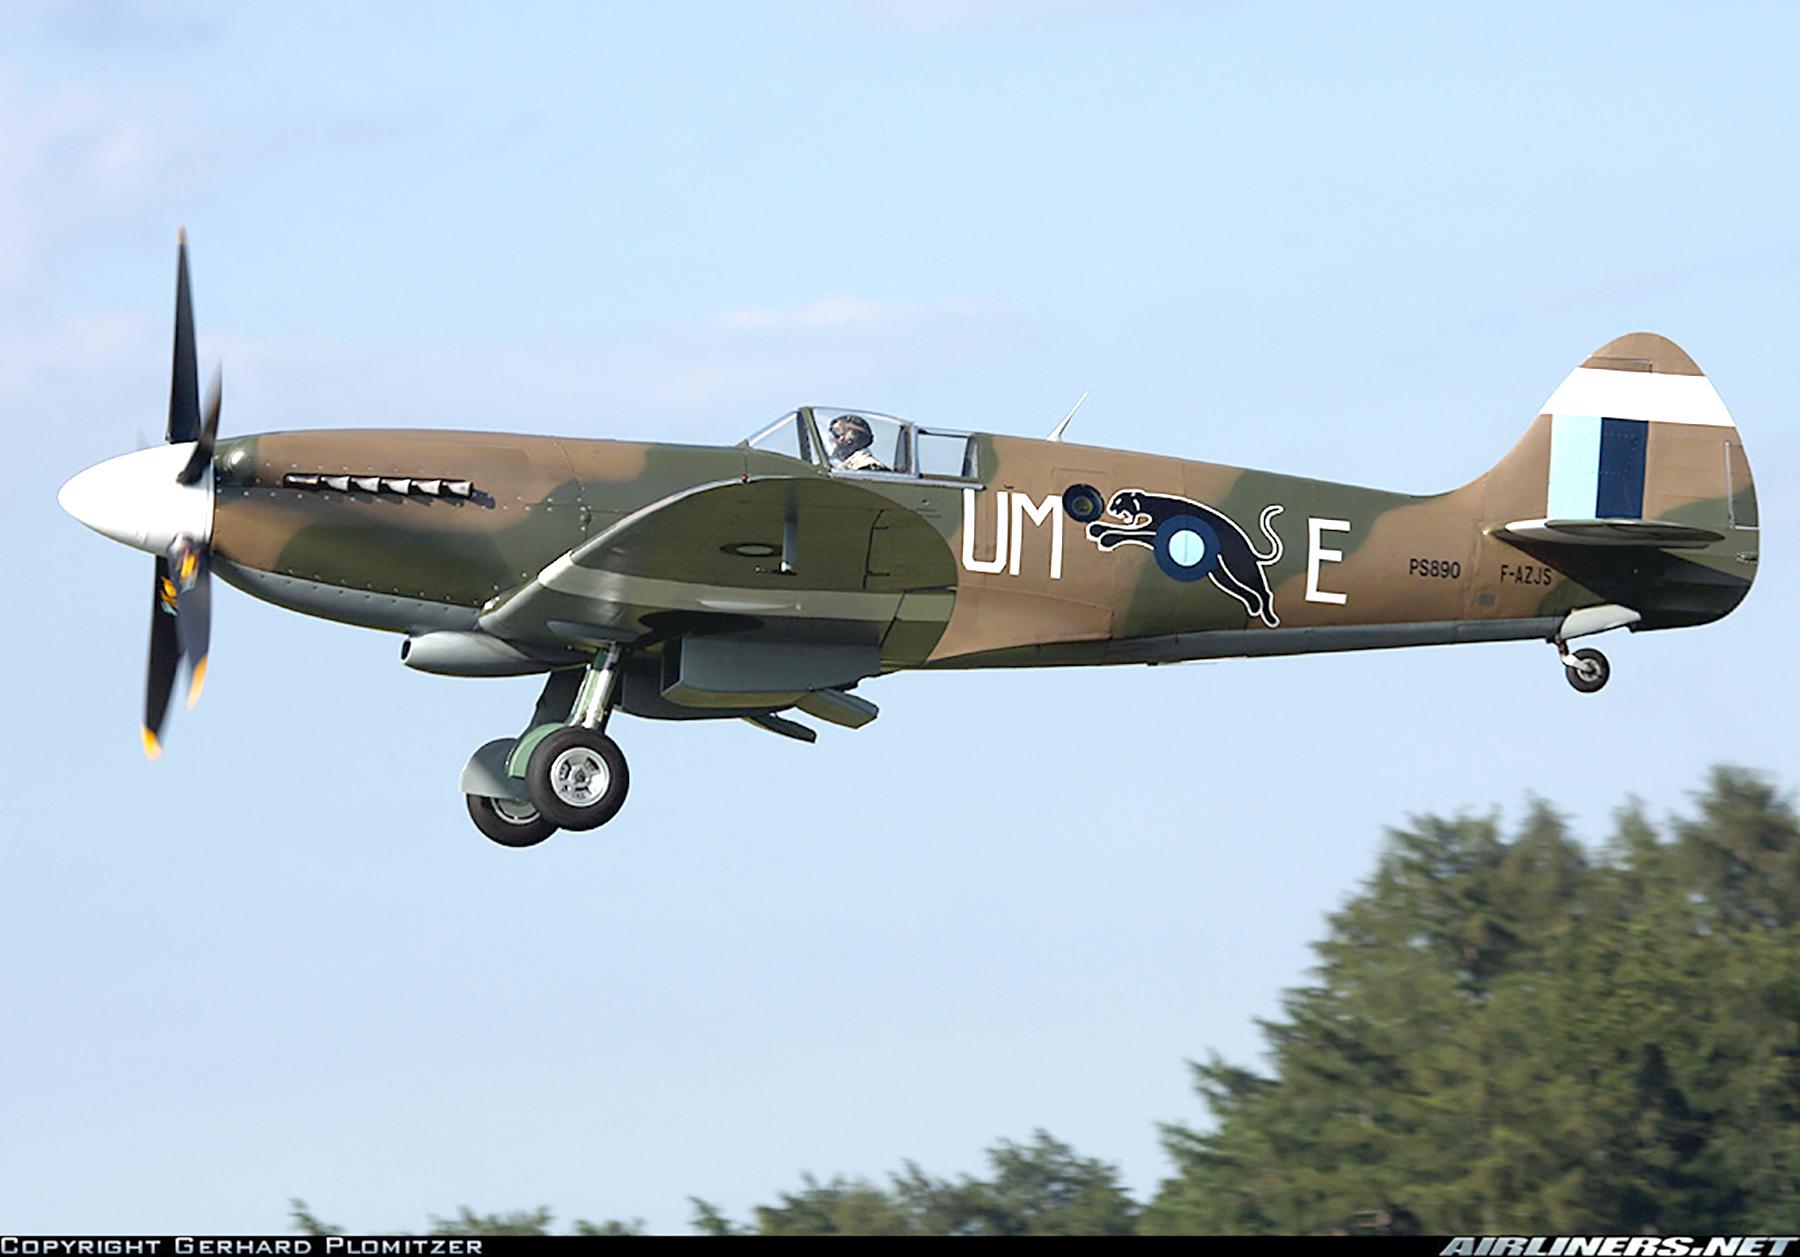 Airworthy Spitfire warbird PR19 PS890 as RAF 152Sqn UME 15